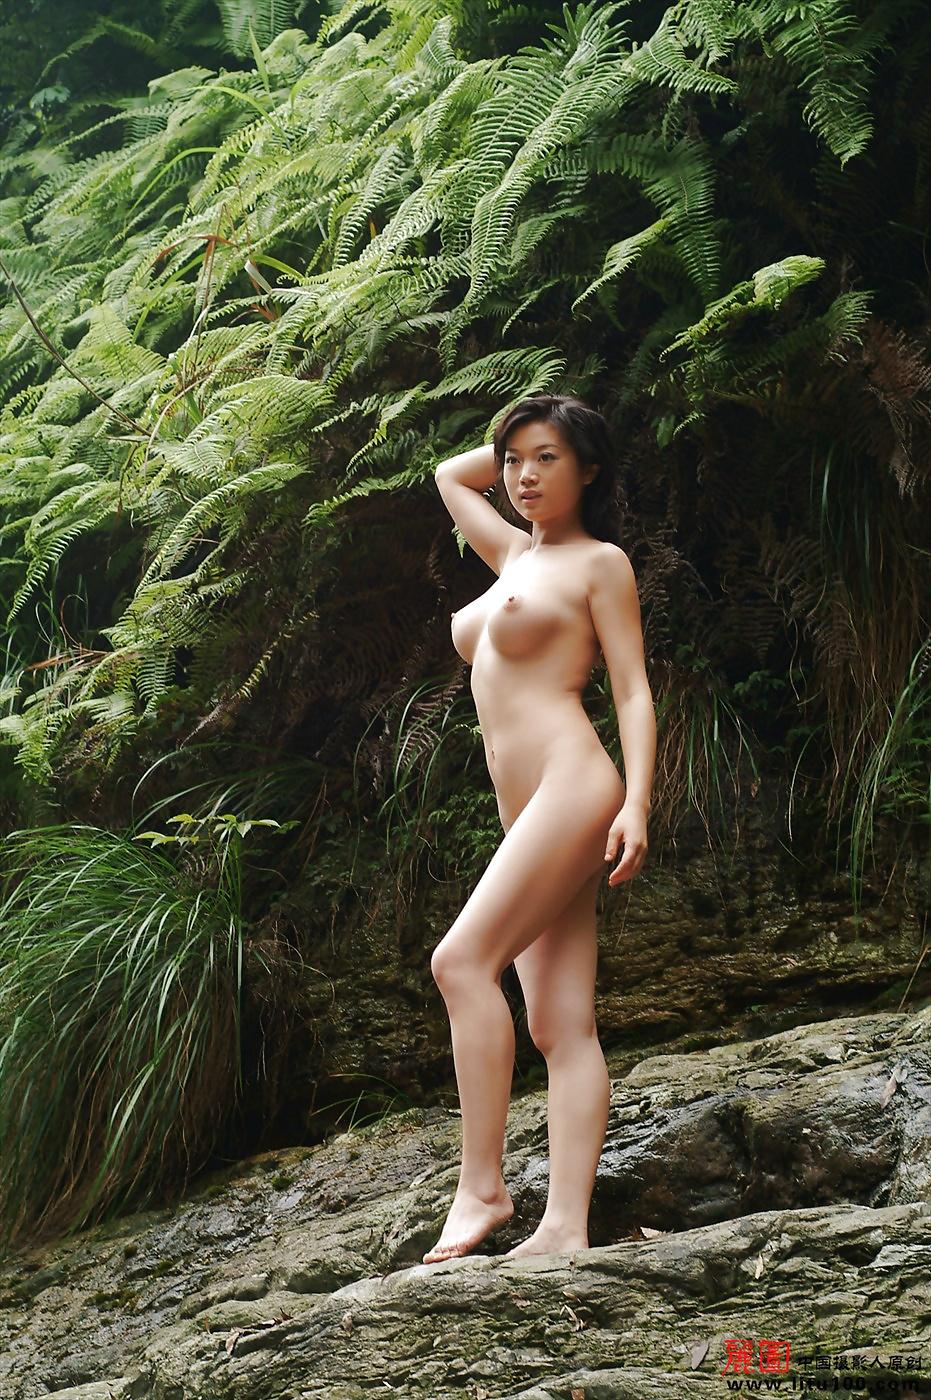 Chinese naked athlete